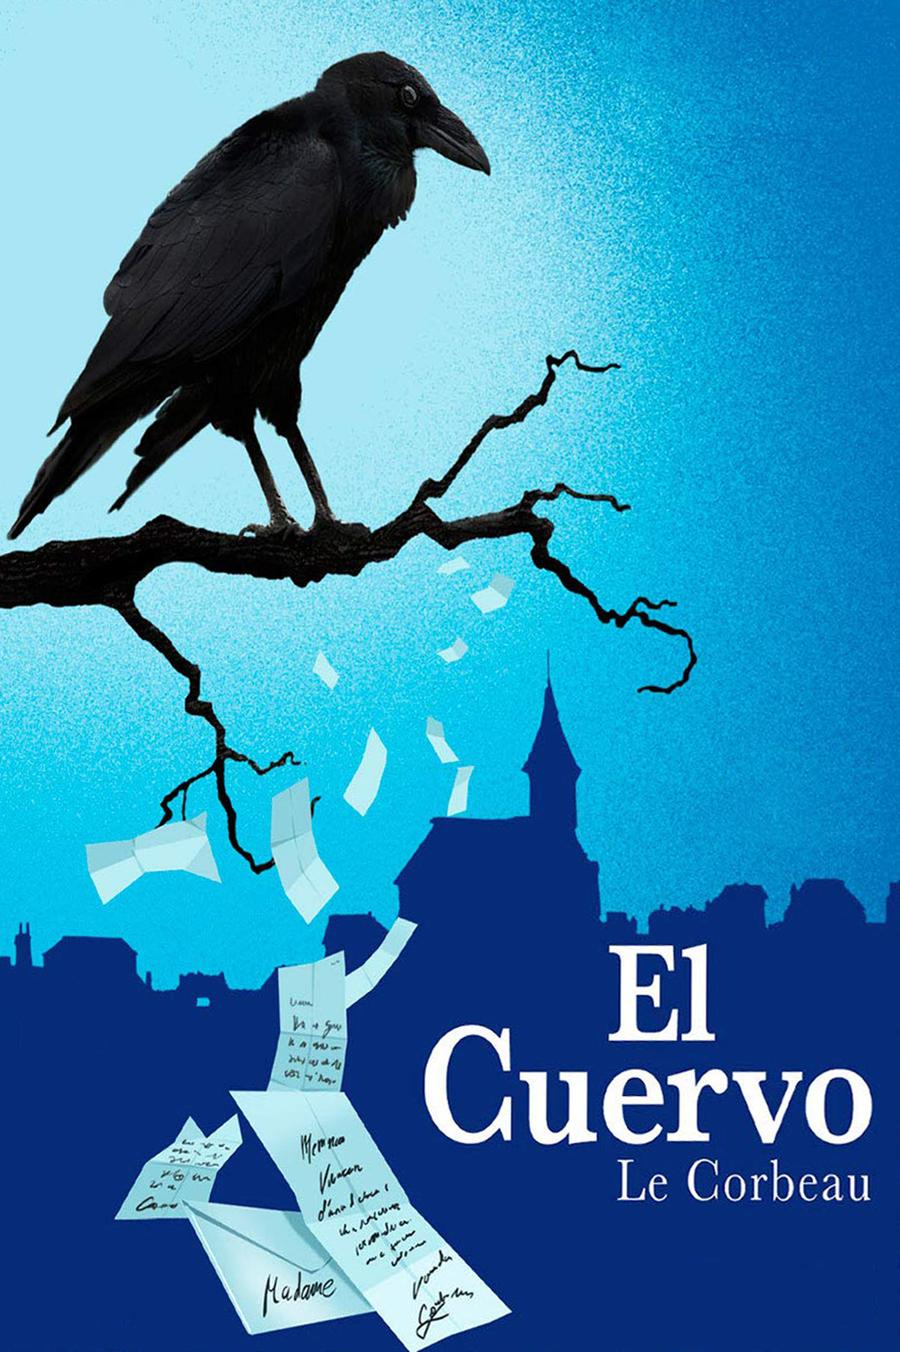 El Cuervo (1943)